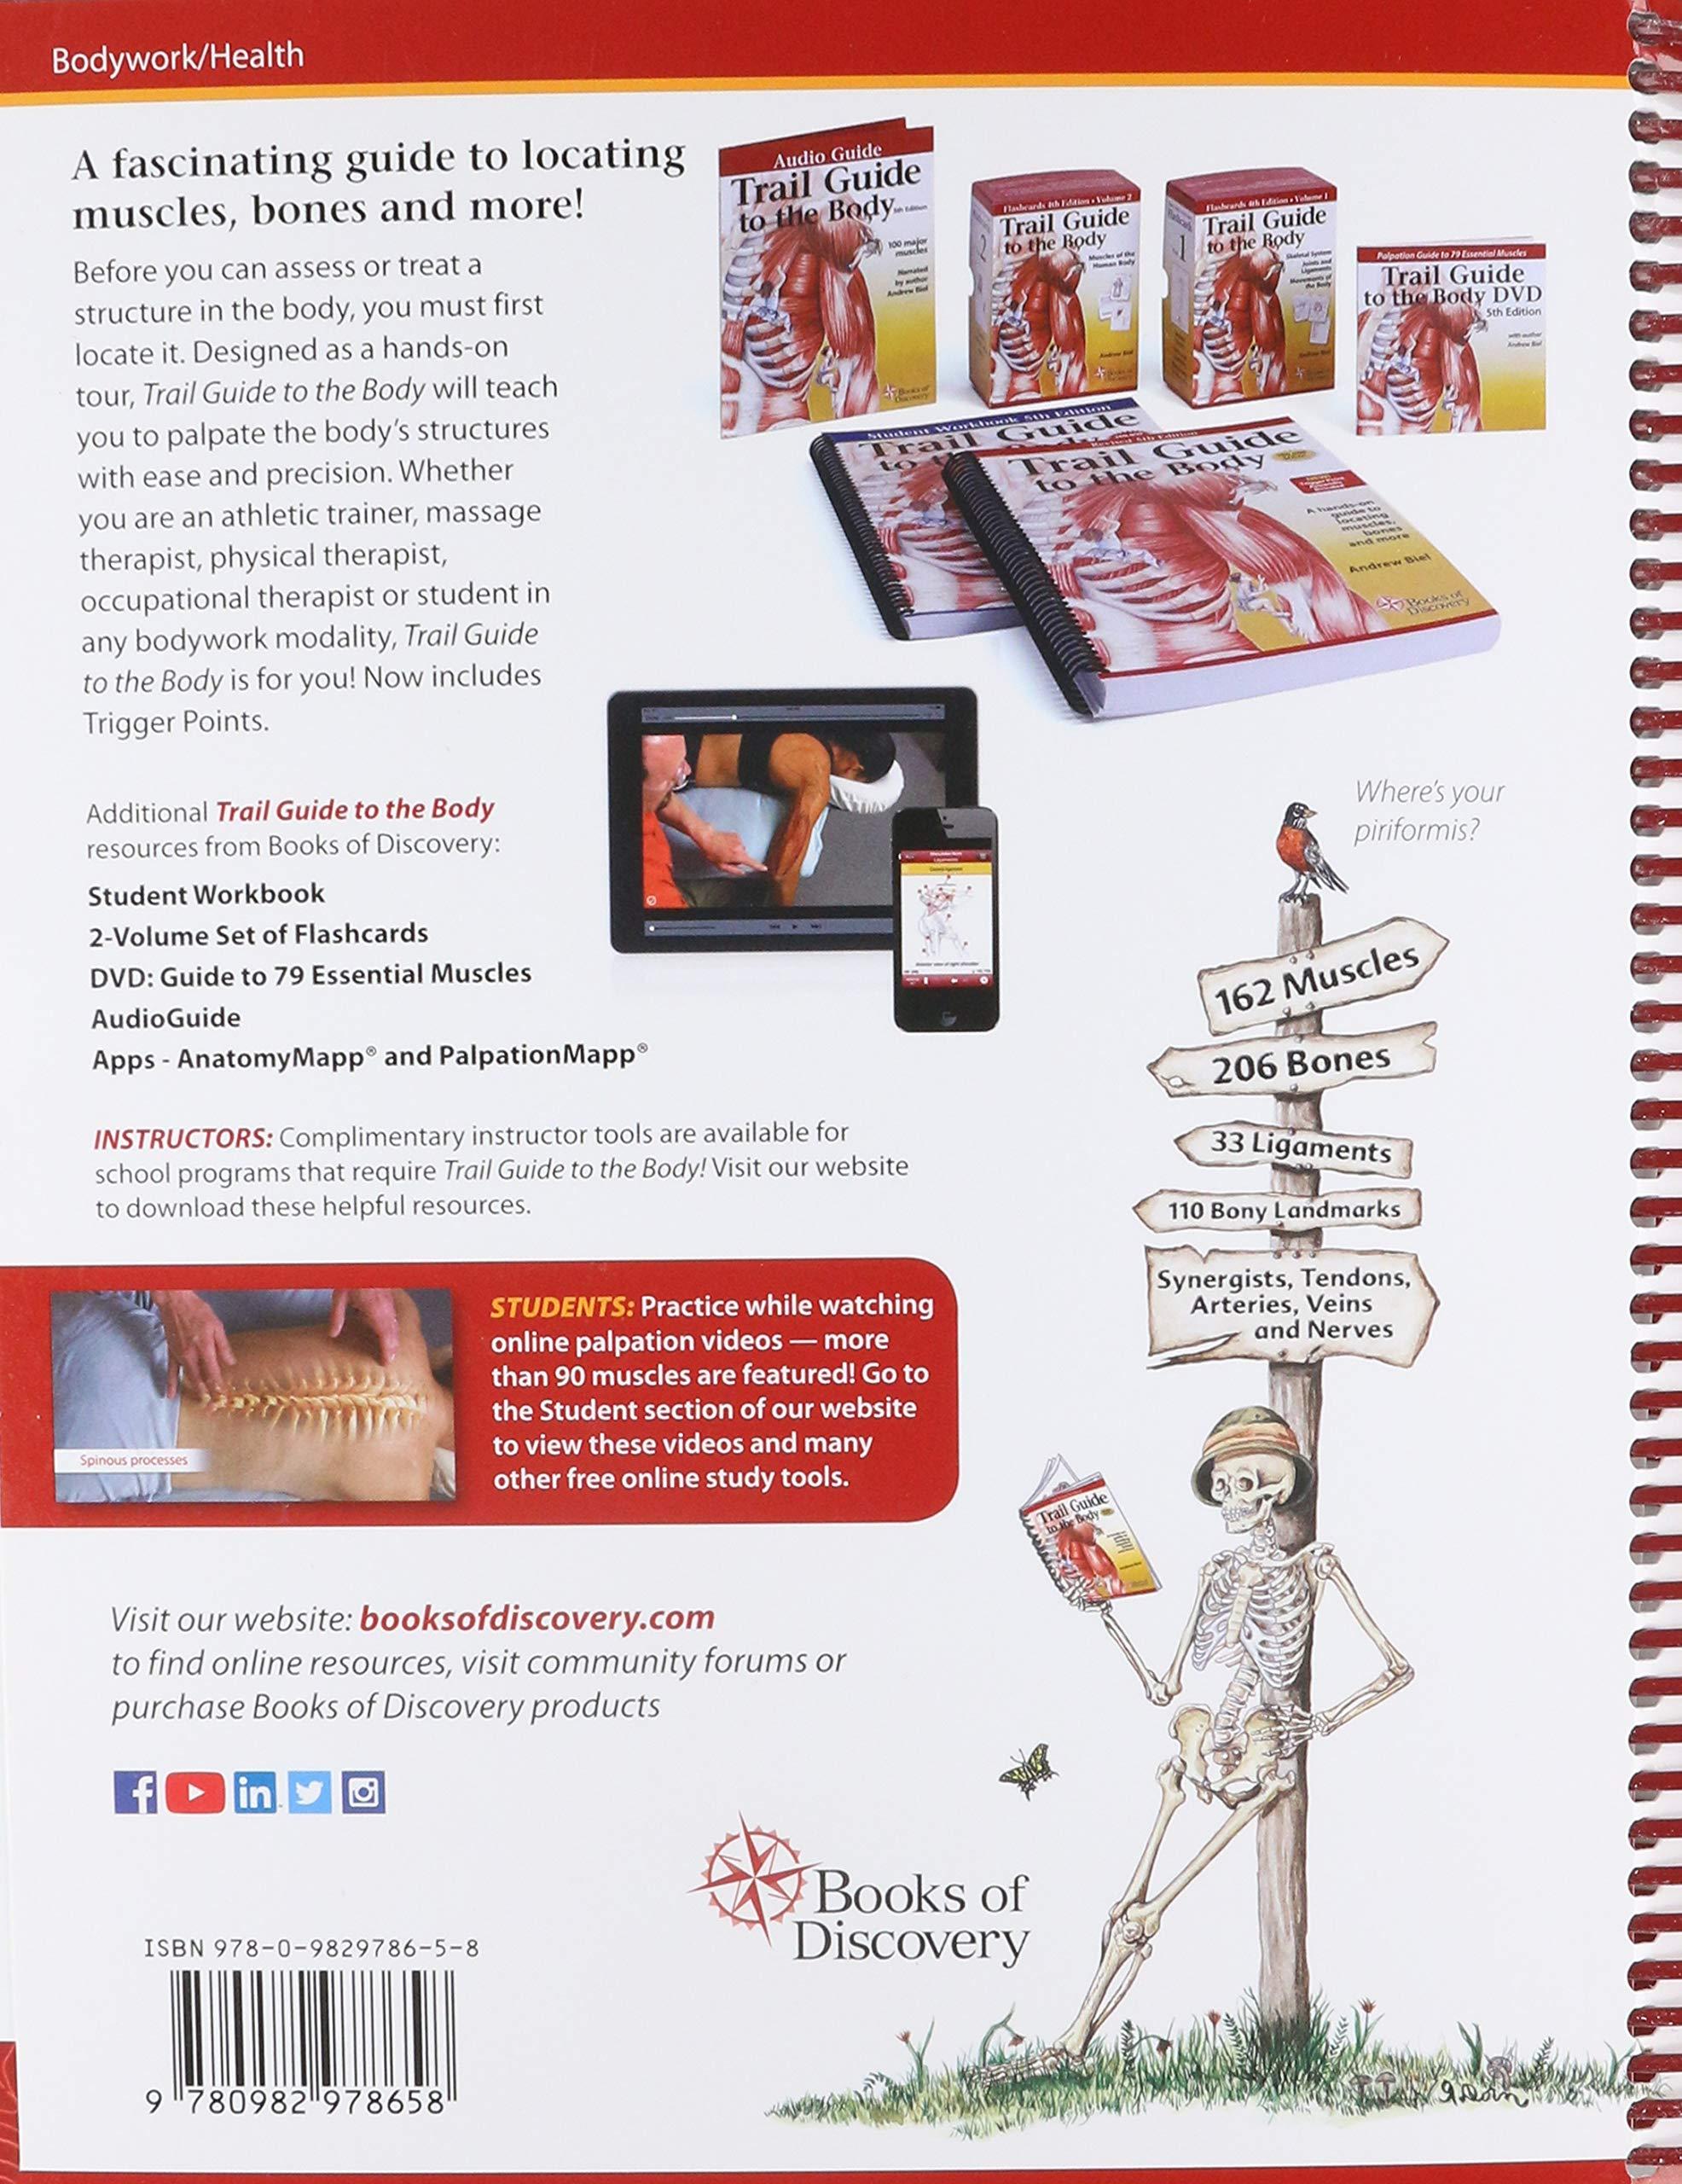 Guía de senderos para el cuerpo: cómo localizar las musculas, los huesos y más revisada 5ta edición: Amazon.es: Biel, Andrew: Libros en idiomas extranjeros